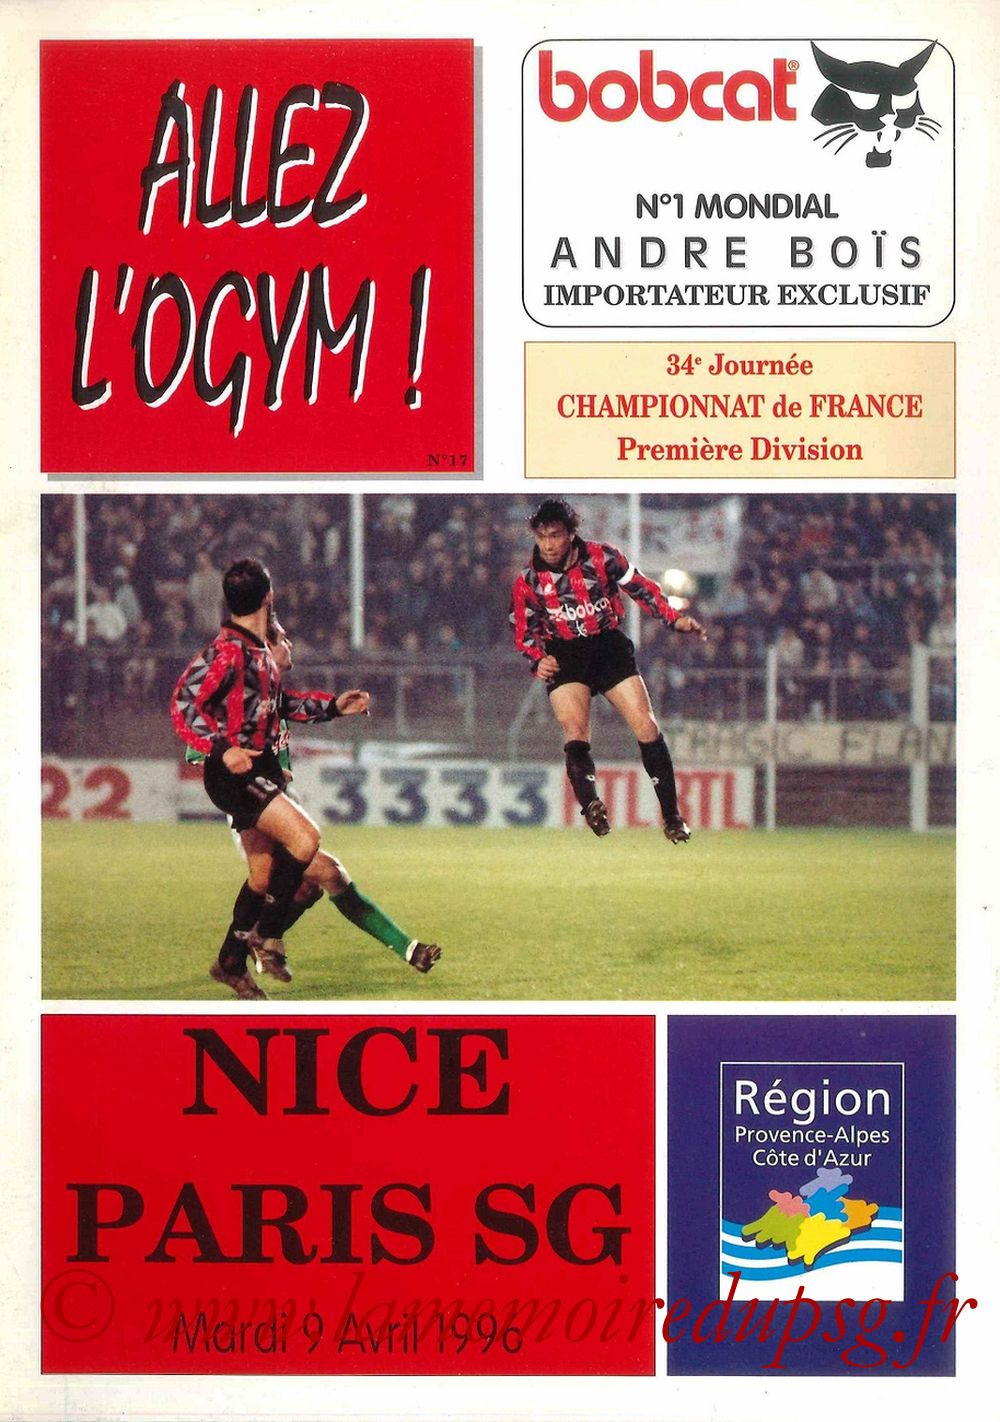 1996-04-09  Nice-PSG (34ème D1, Allez L'OGYM)